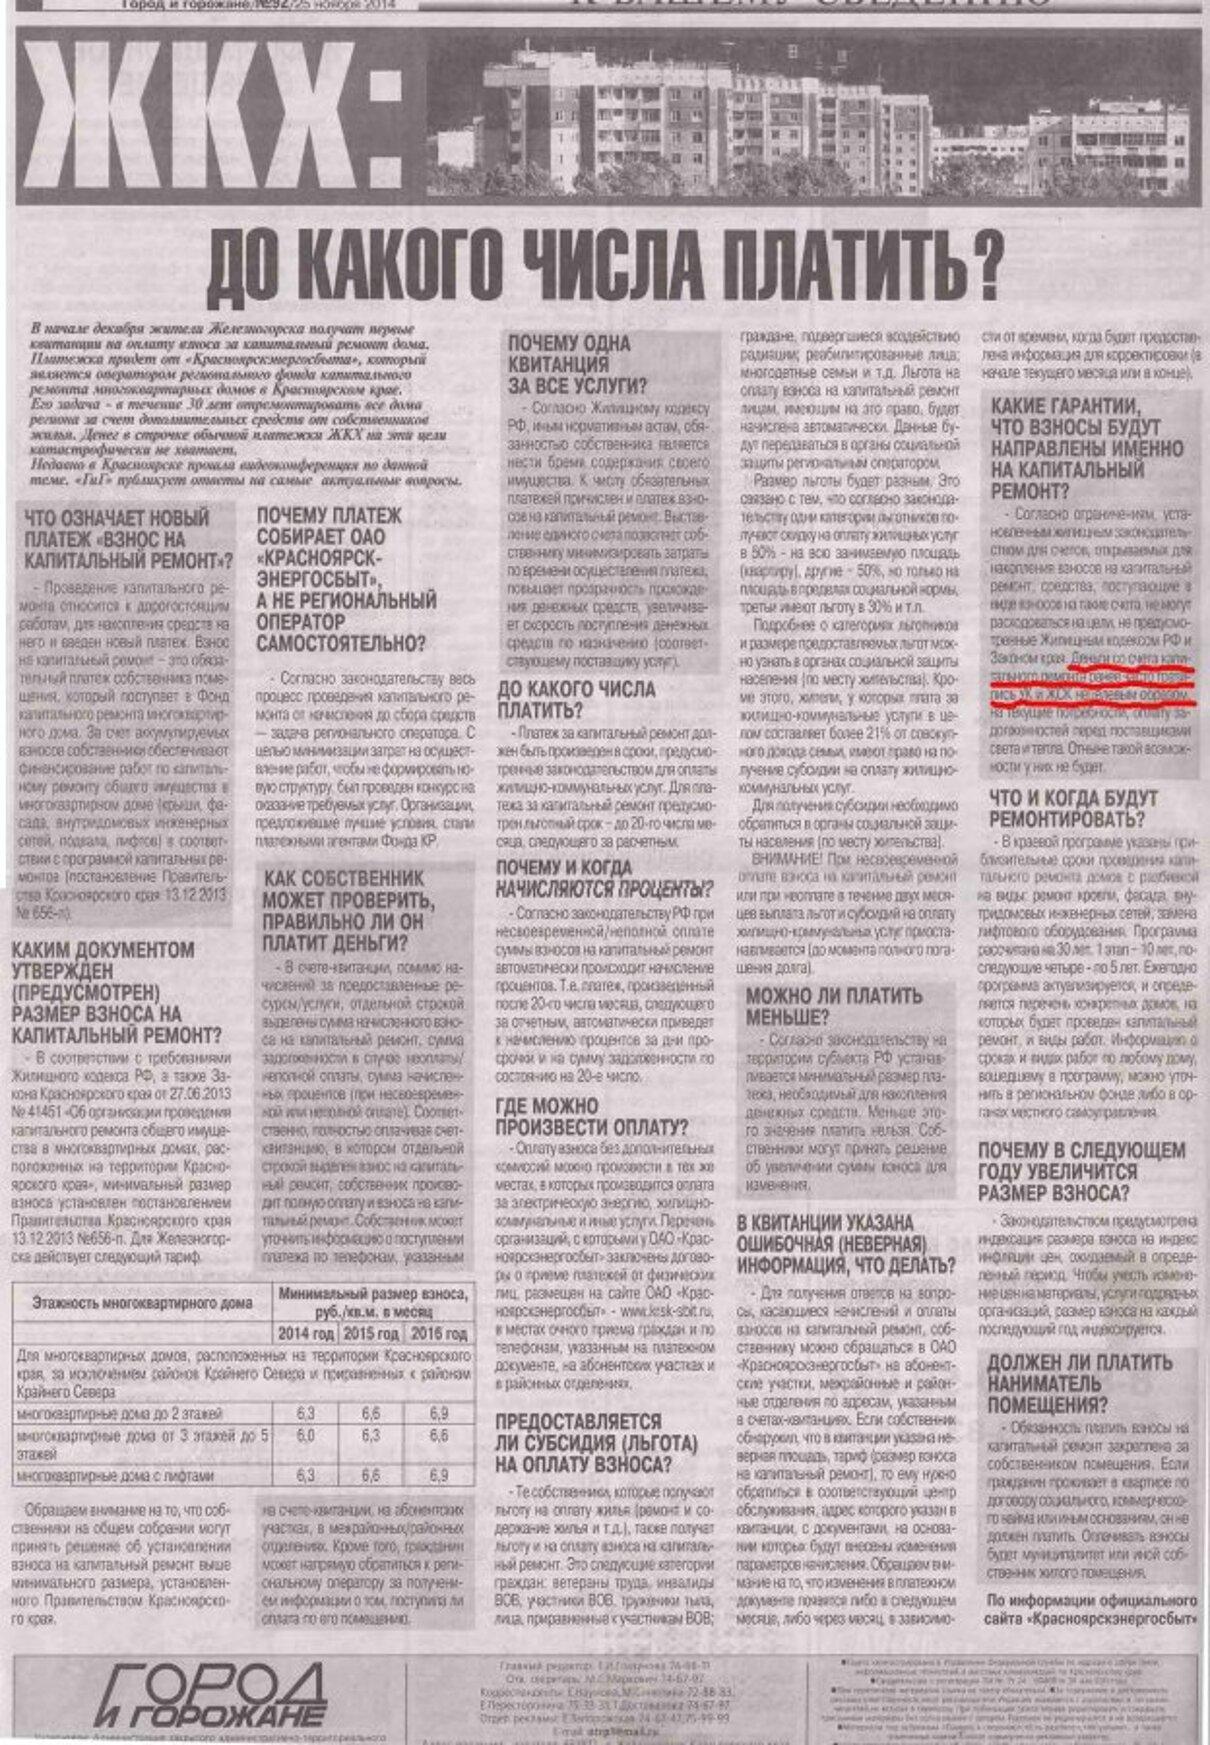 Жалоба-отзыв: Деньги за капитальный ремонт - Повторная плата